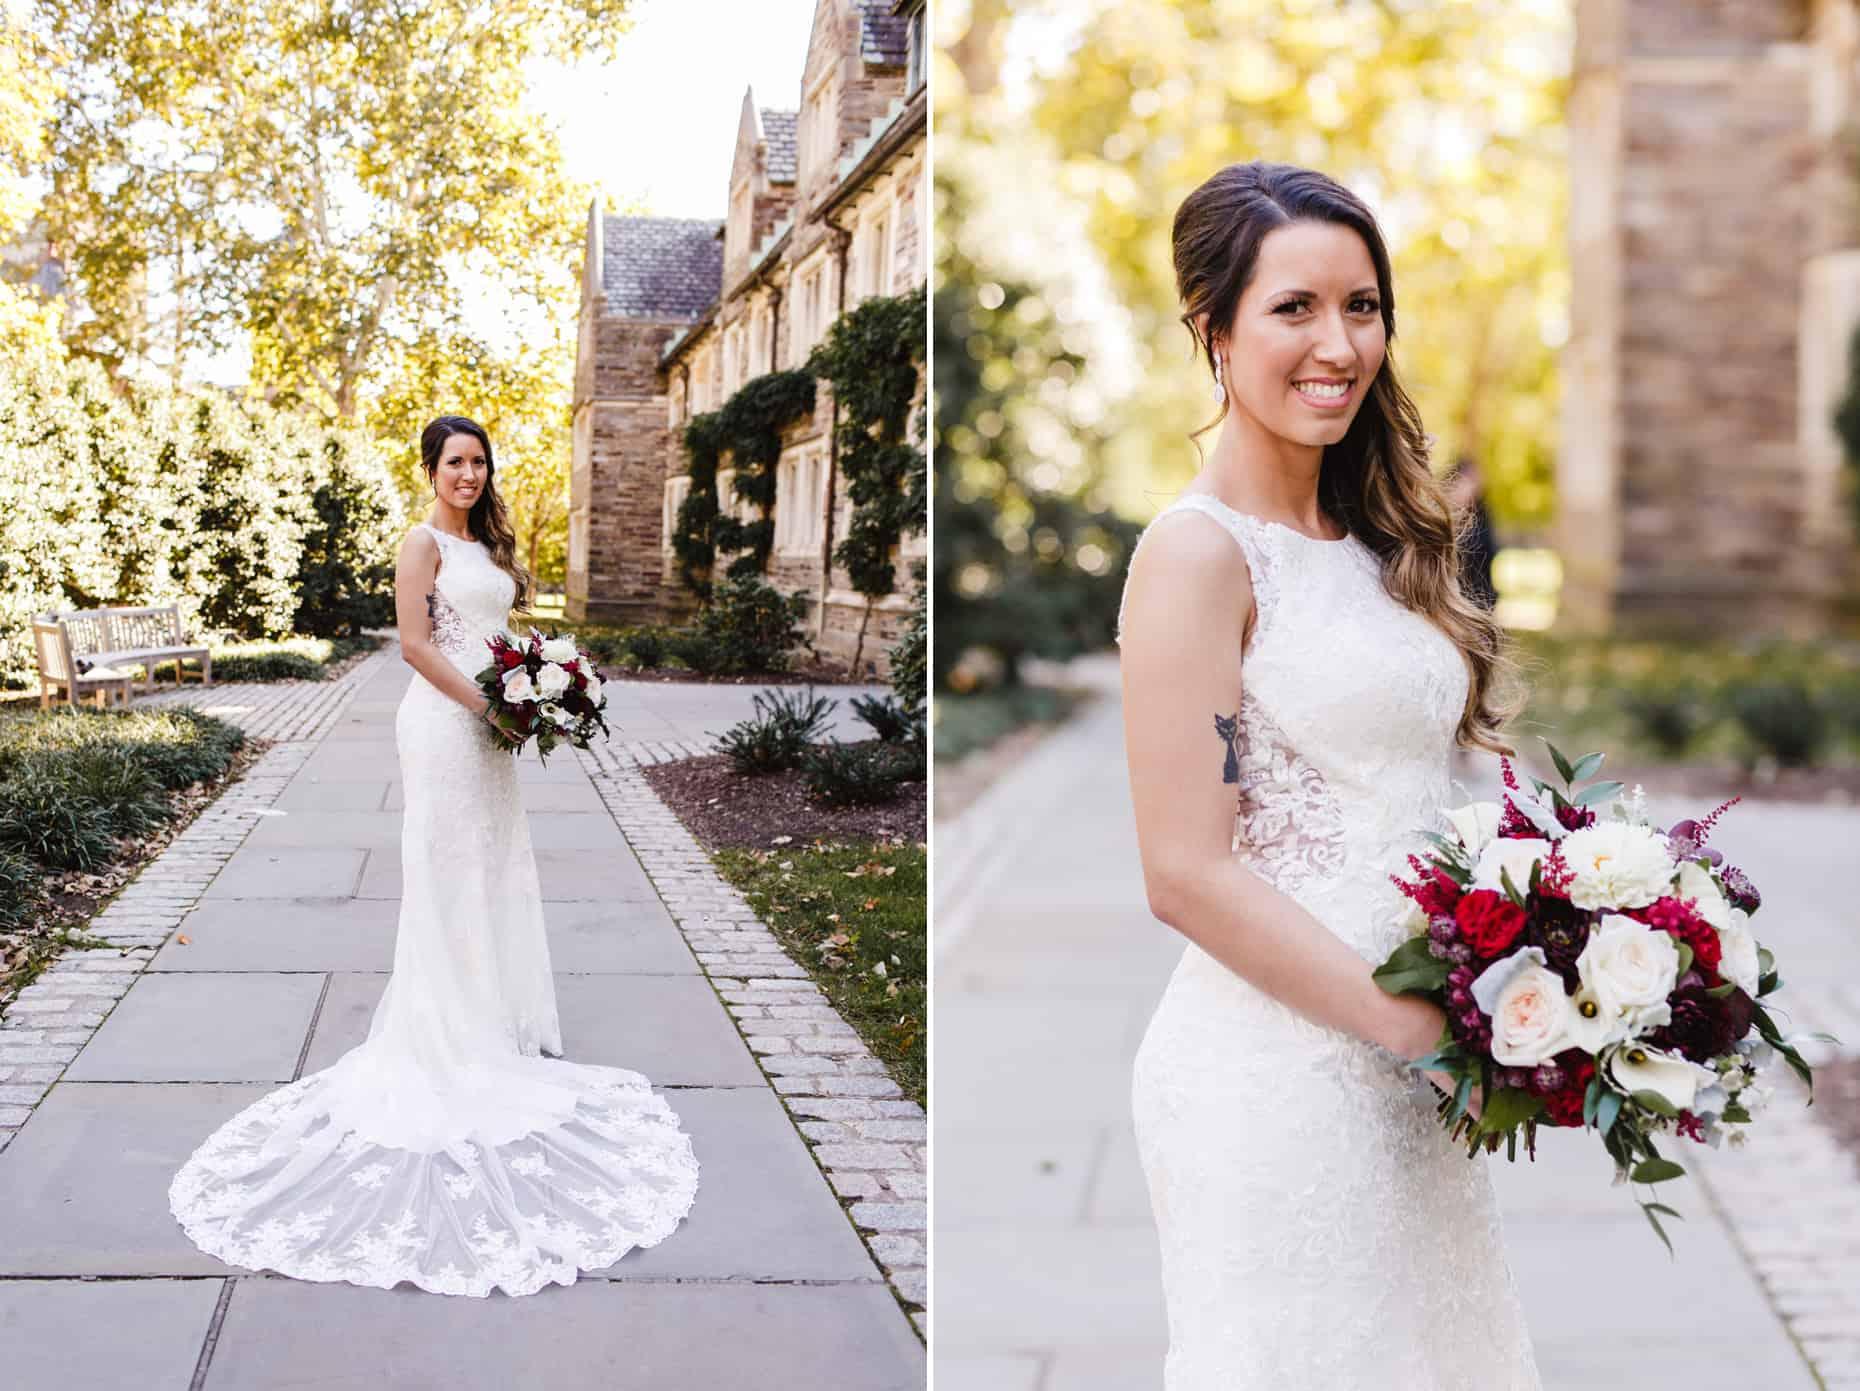 Wedding Photograph Princeton